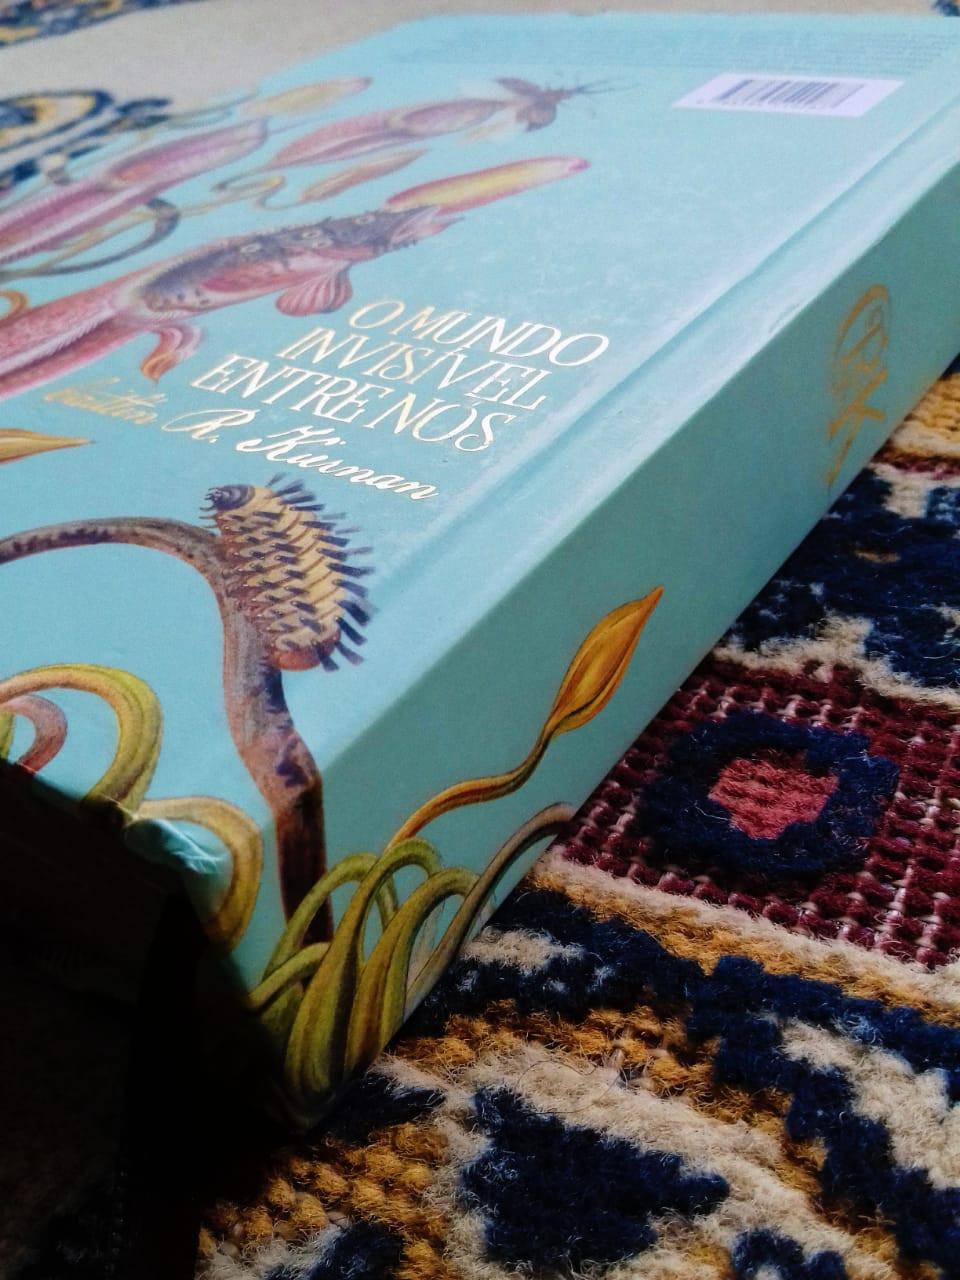 resenha do livro o mundo invisível entre nós